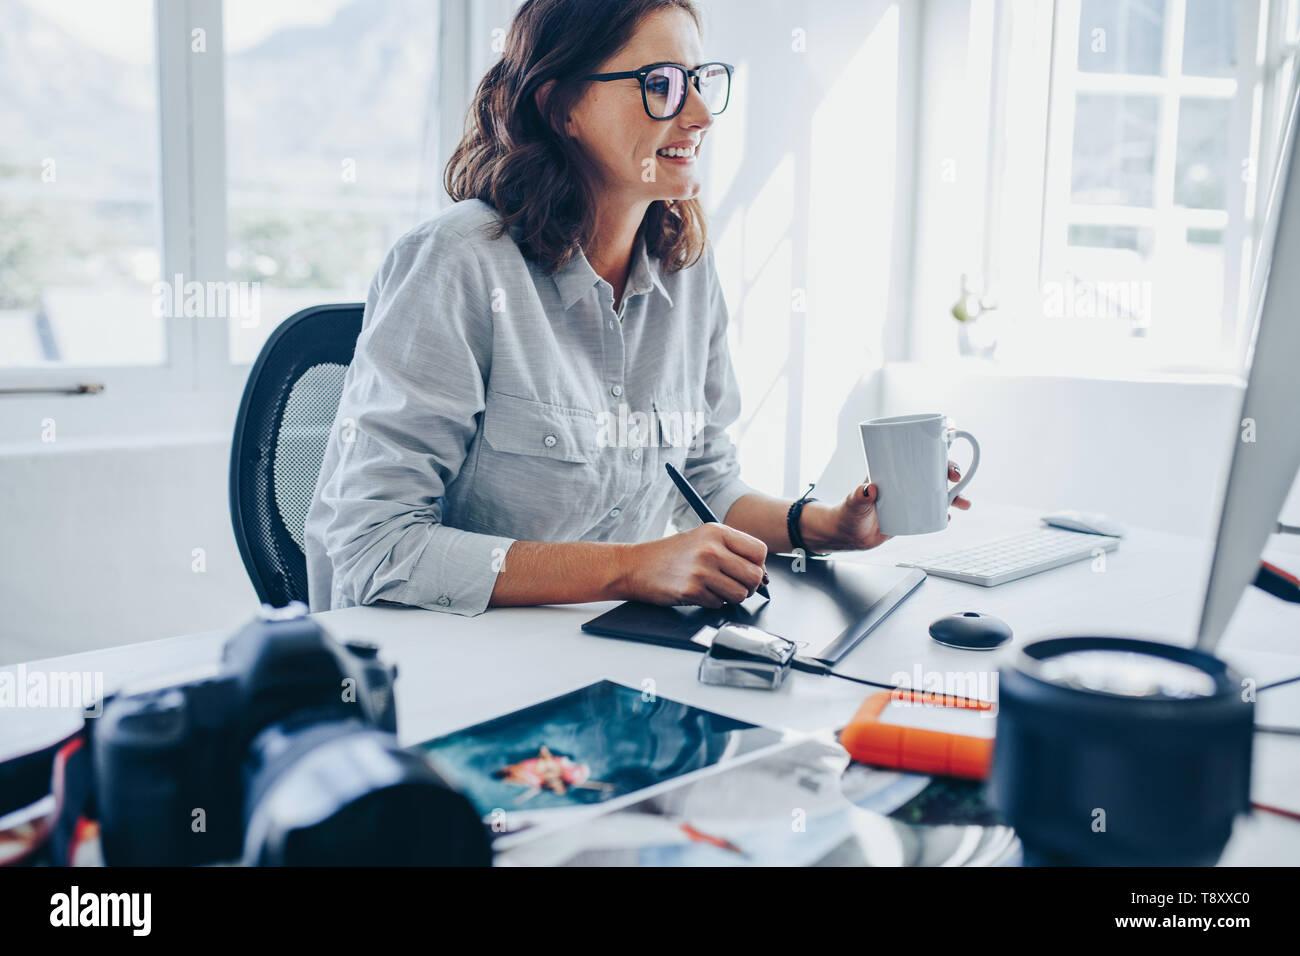 Mujer joven sentado en la mesa de edición de imágenes en el equipo. Fotógrafo retoque fotos femenino en Office mediante tableta gráfica y un lápiz digital. Foto de stock